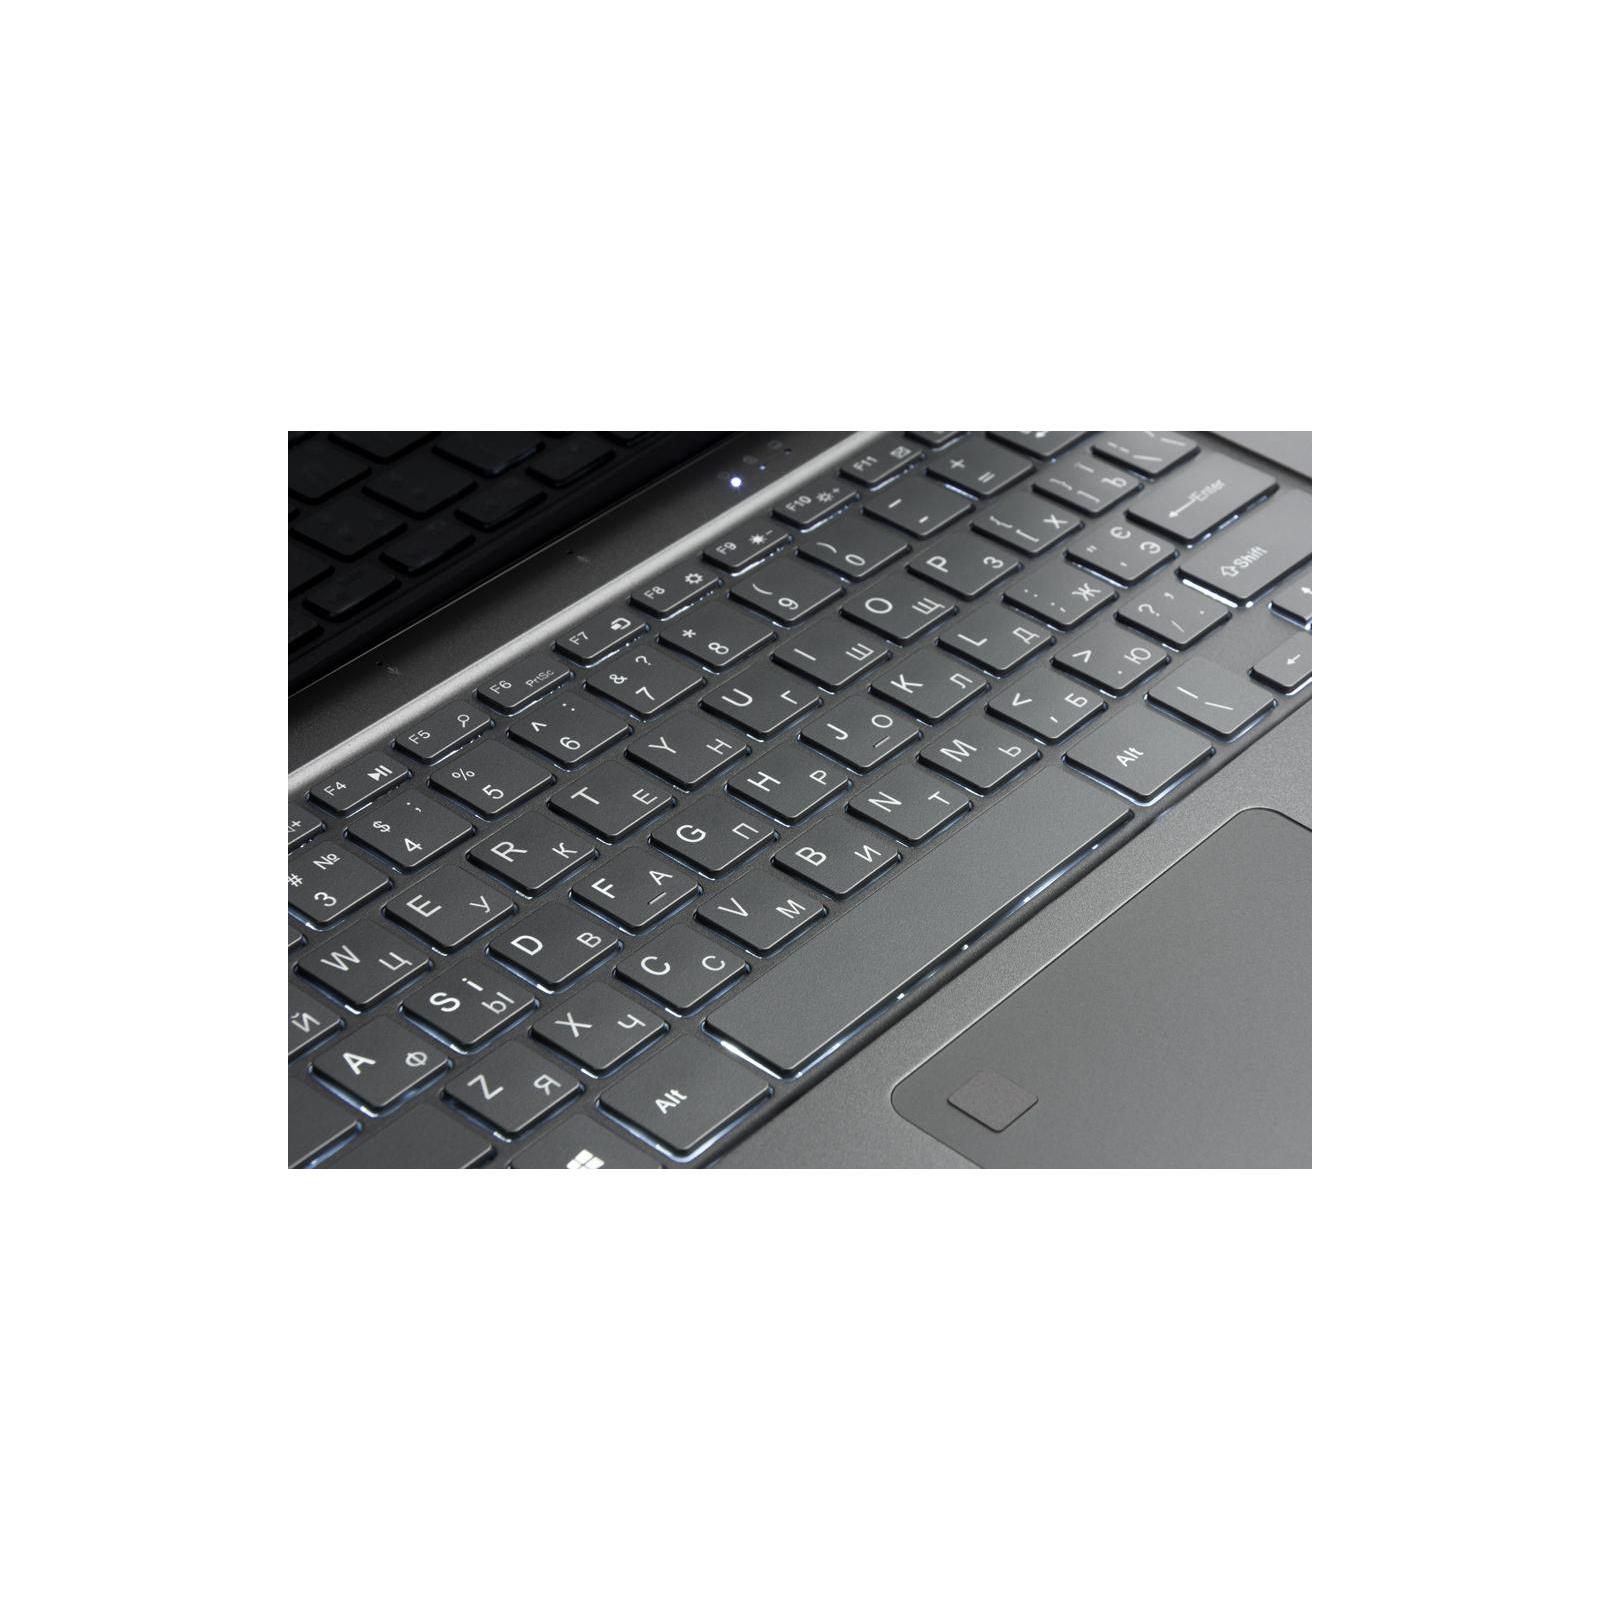 Ноутбук Vinga Twizzle Pen J133 (J133-P42464PDGWP) изображение 7